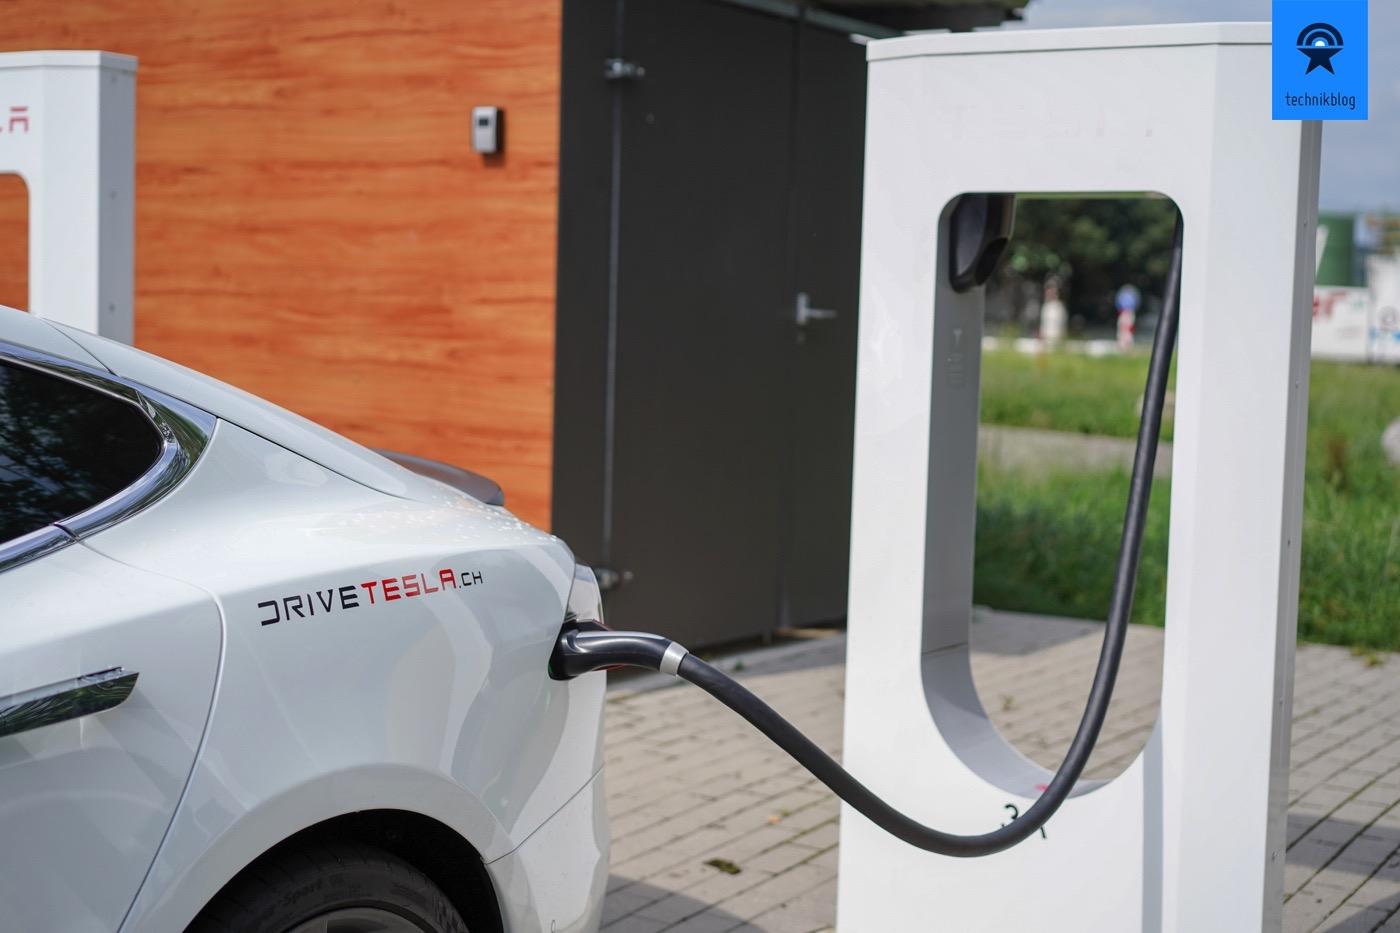 Einfach und schnell, die Tesla Supercharger